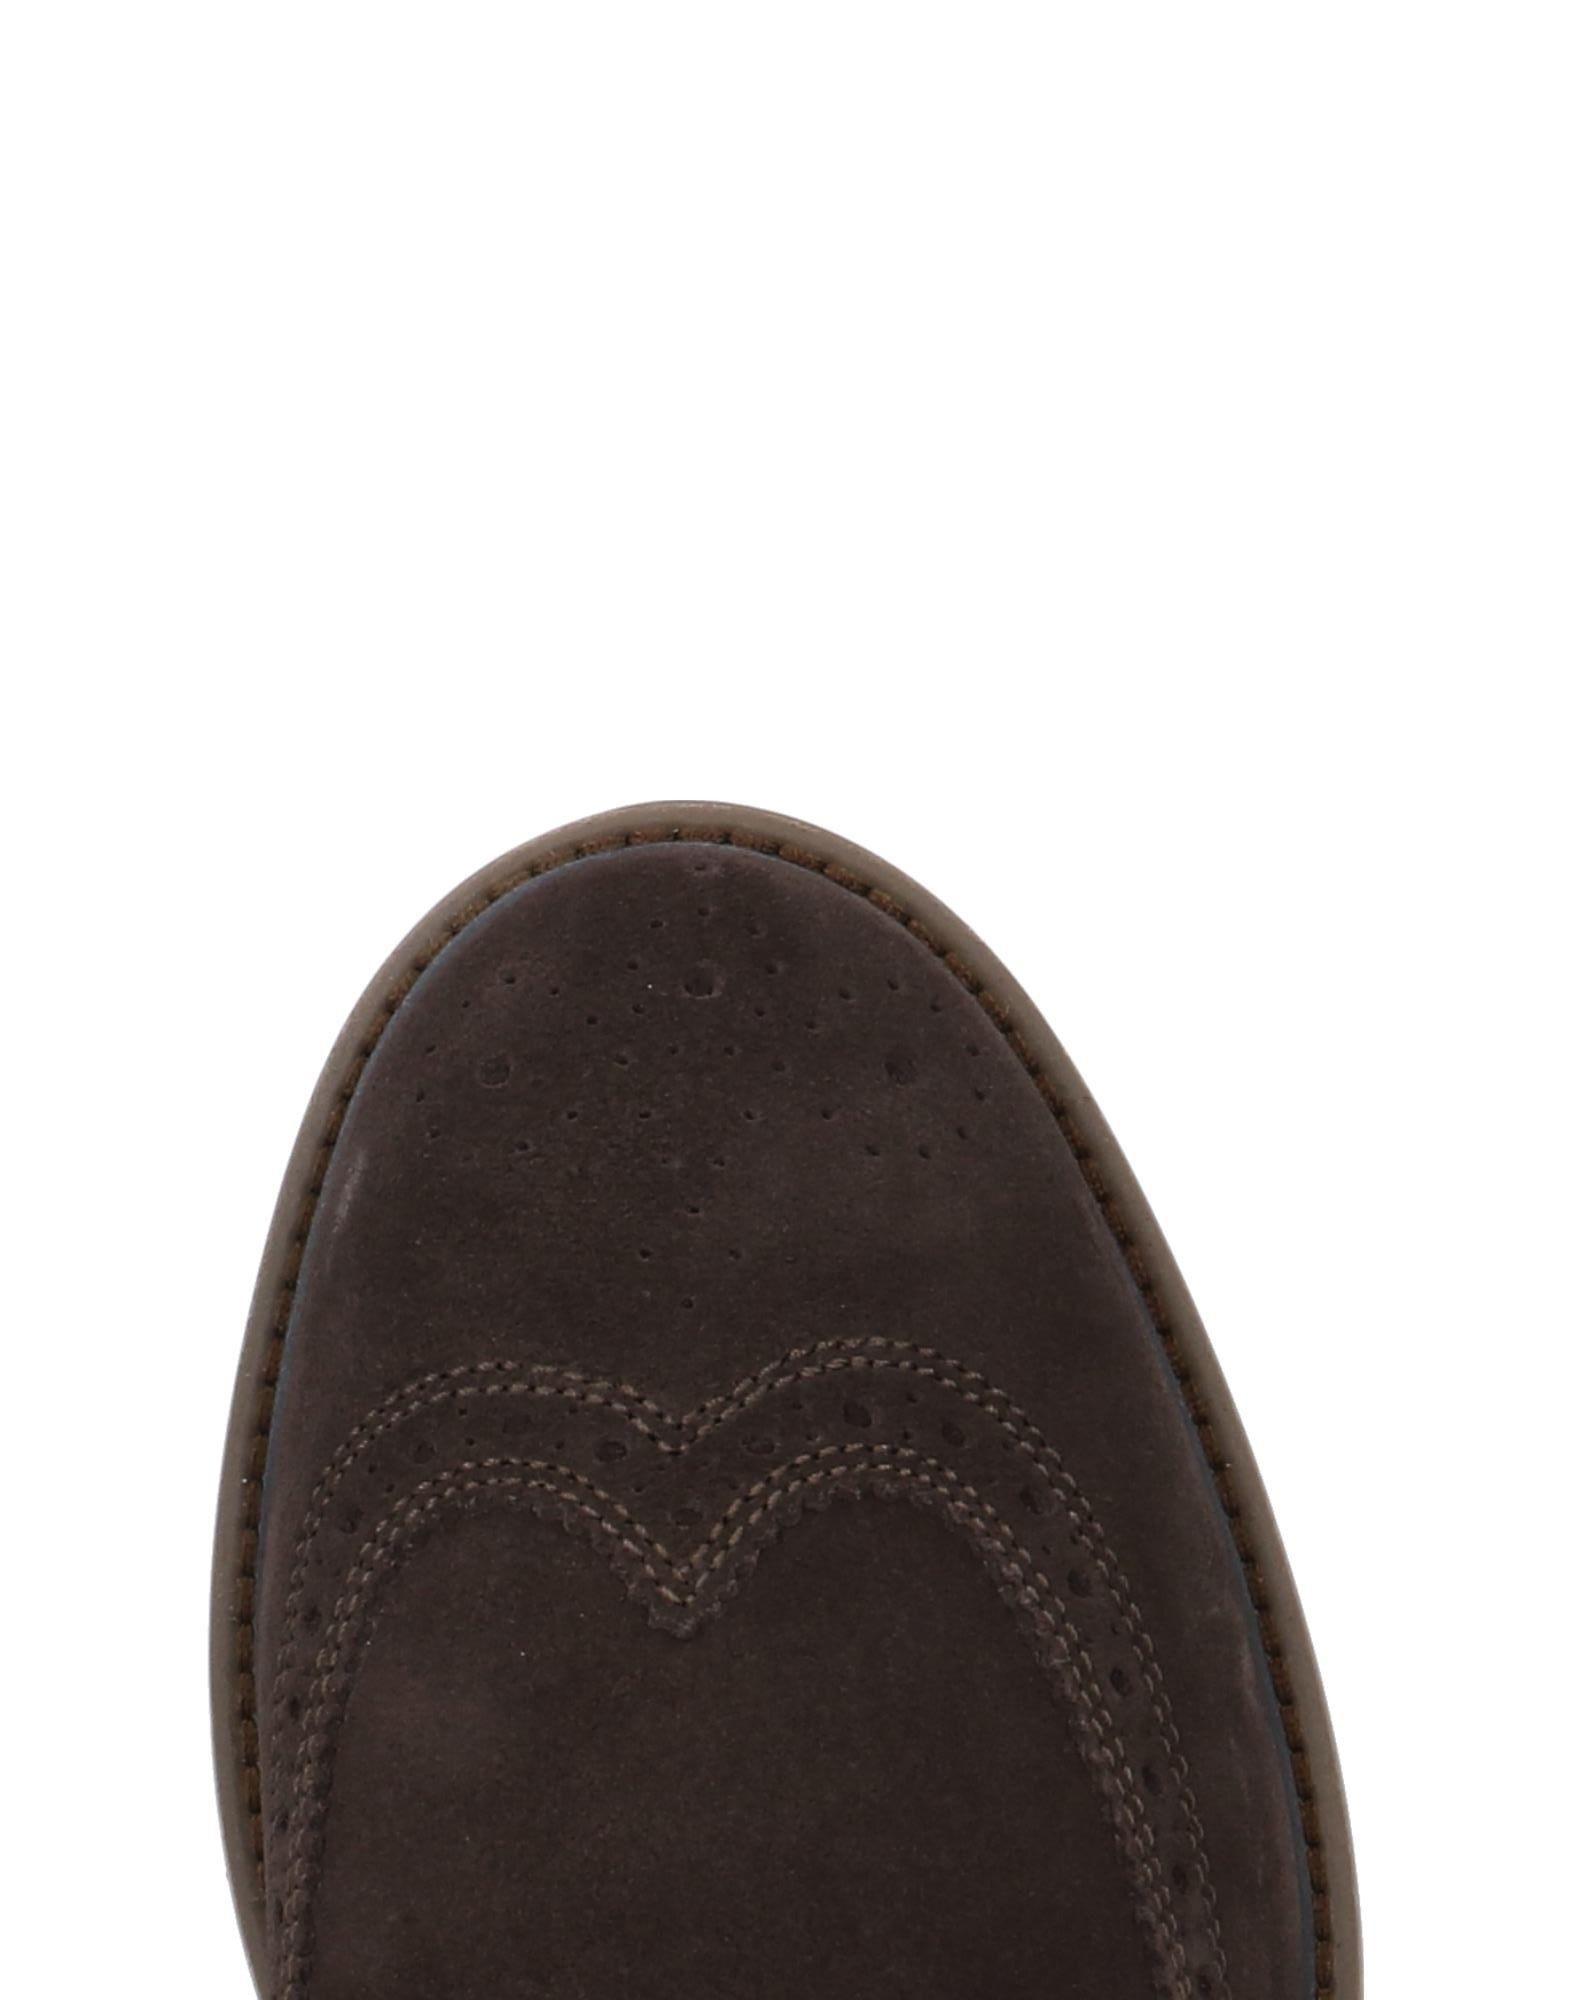 Rabatt Rabatt Rabatt echte Schuhe Geox Schnürschuhe Herren  11500614XX 2c09e8